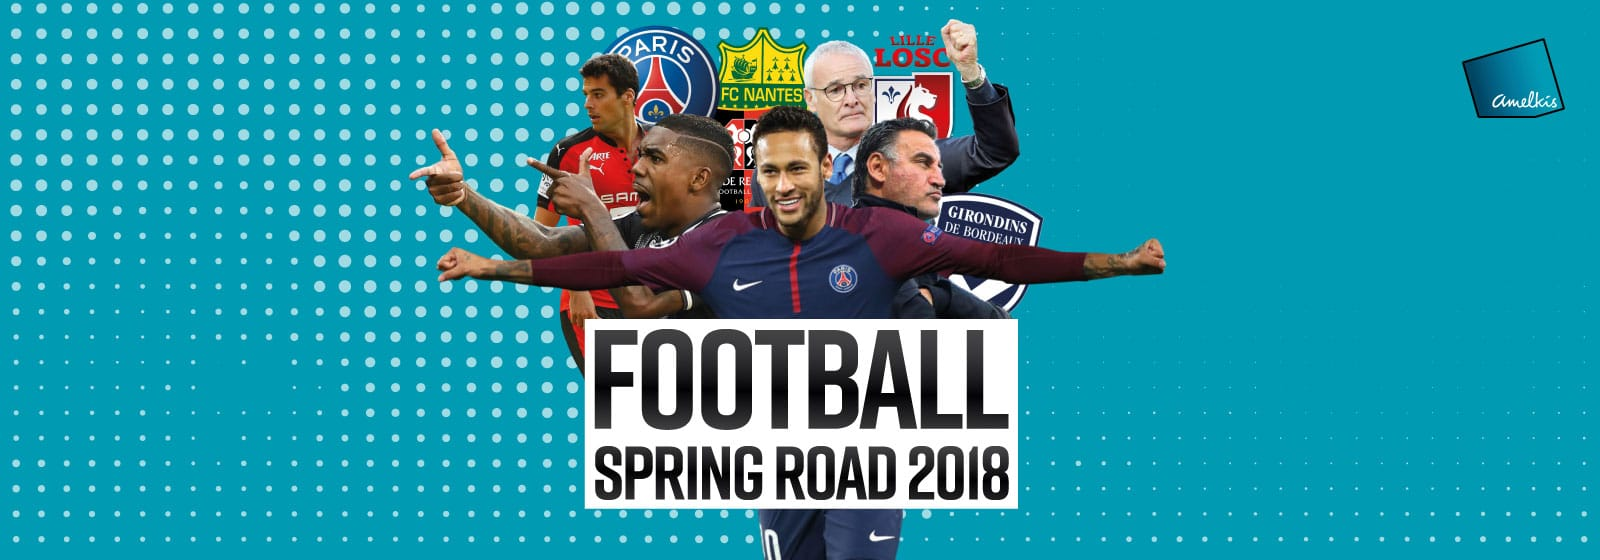 Notre Football Spring Road 2018 est un vrai succès !